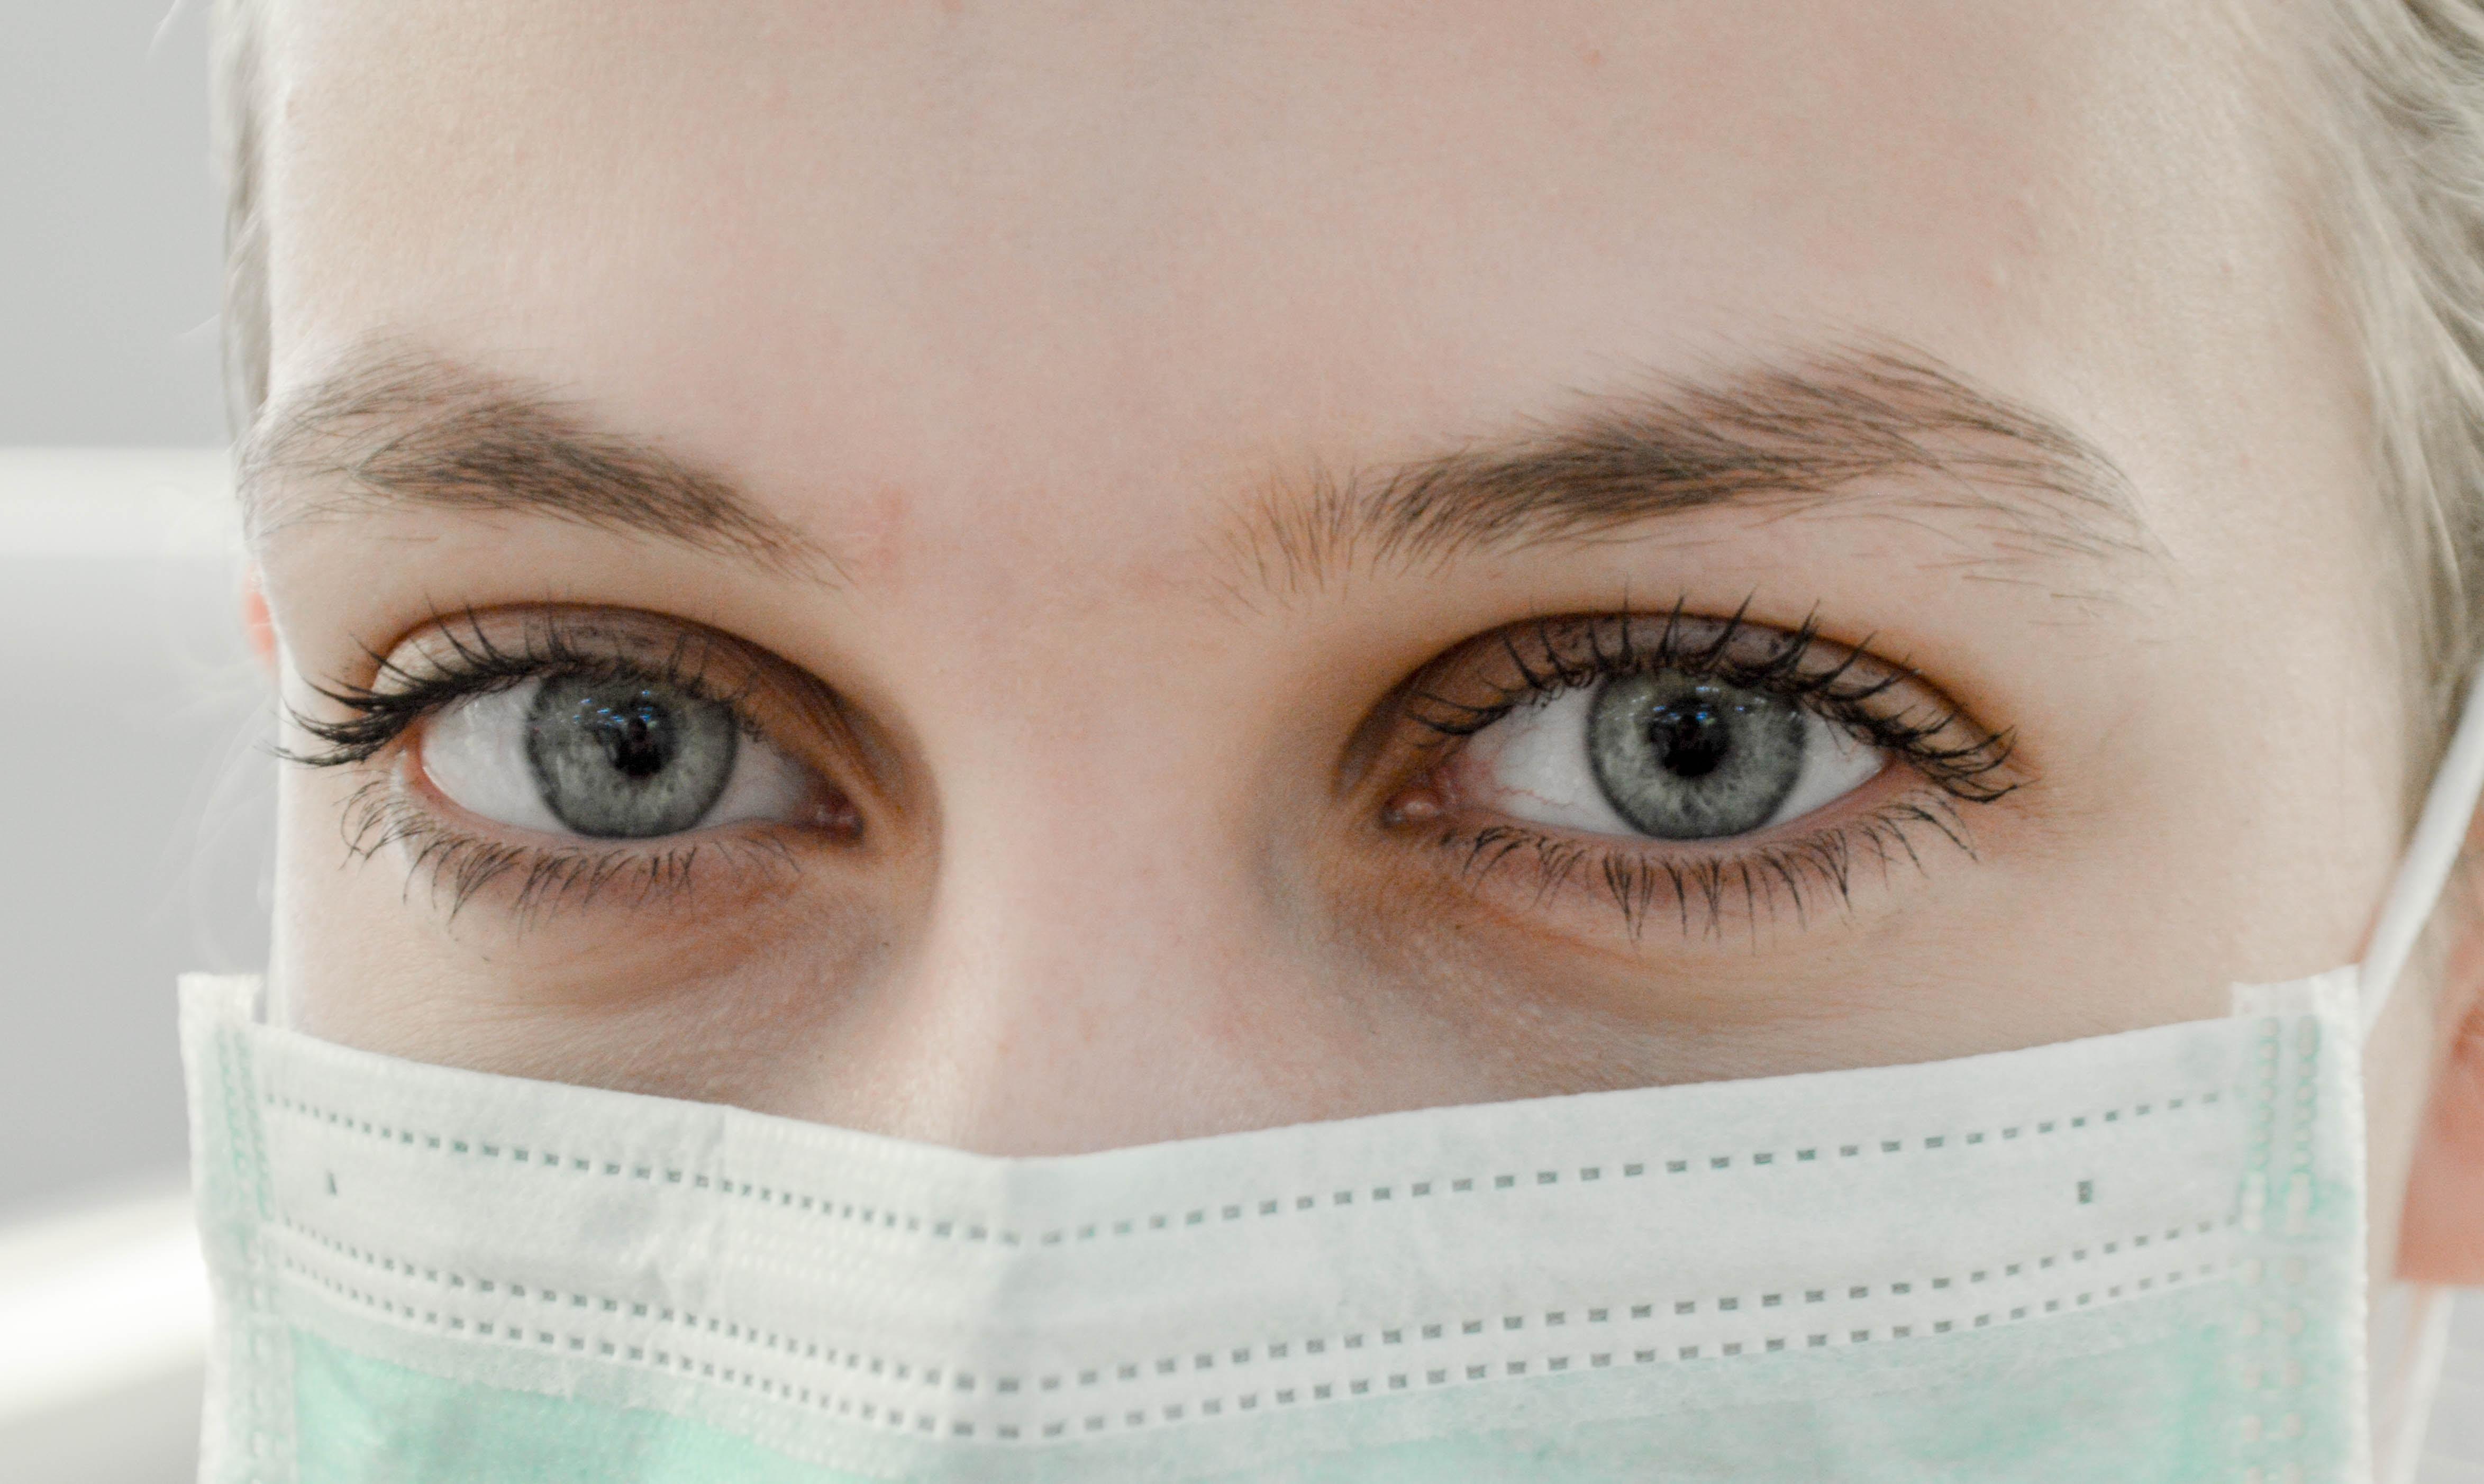 Coronavirus cases rise in US